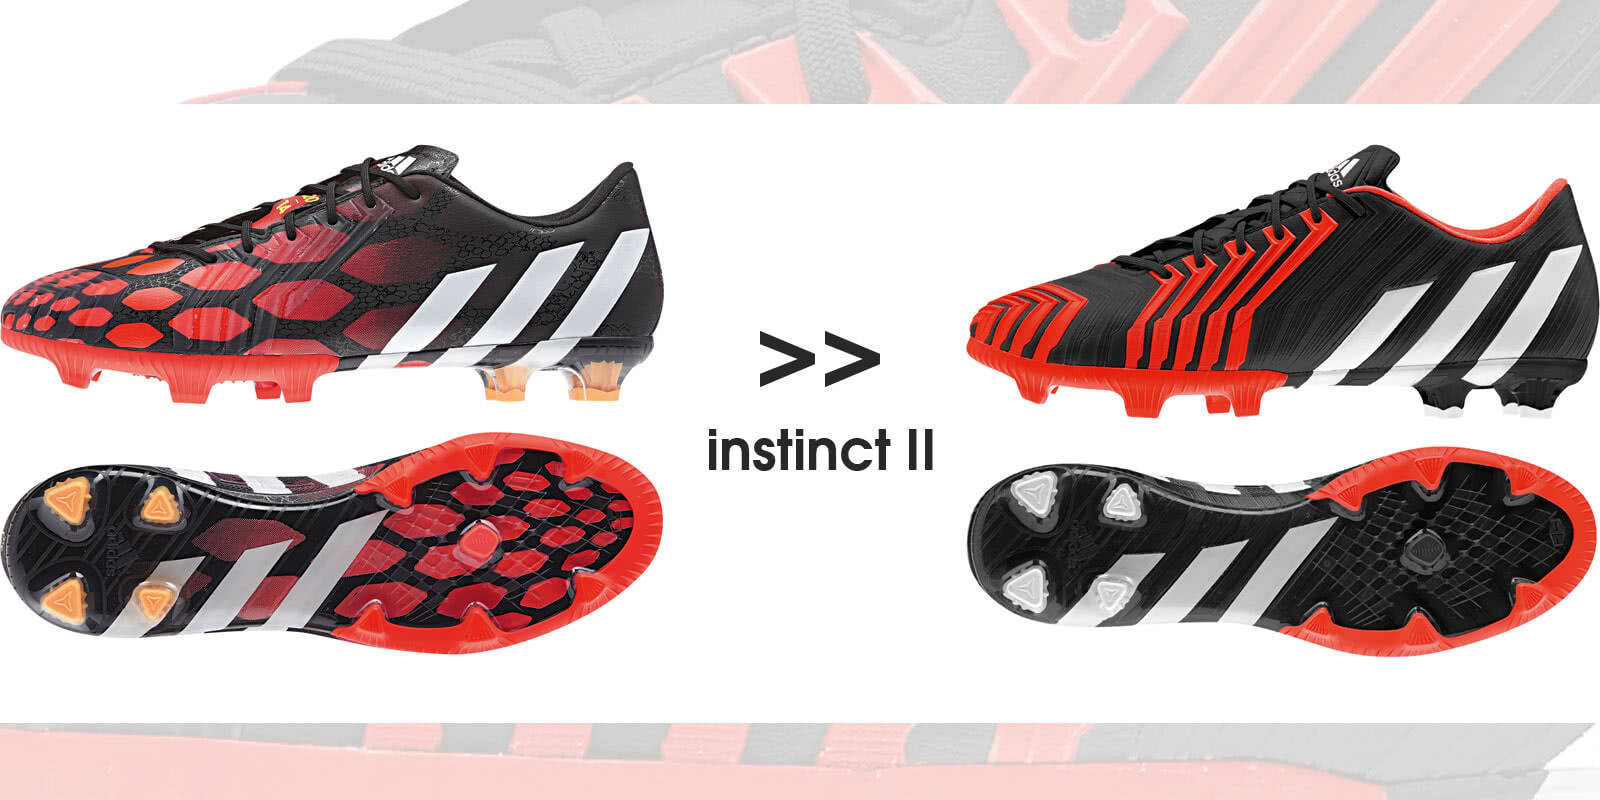 f29354612726c8 Adidas Predator Instinct II - 2. Generation - Sportartikel und ...